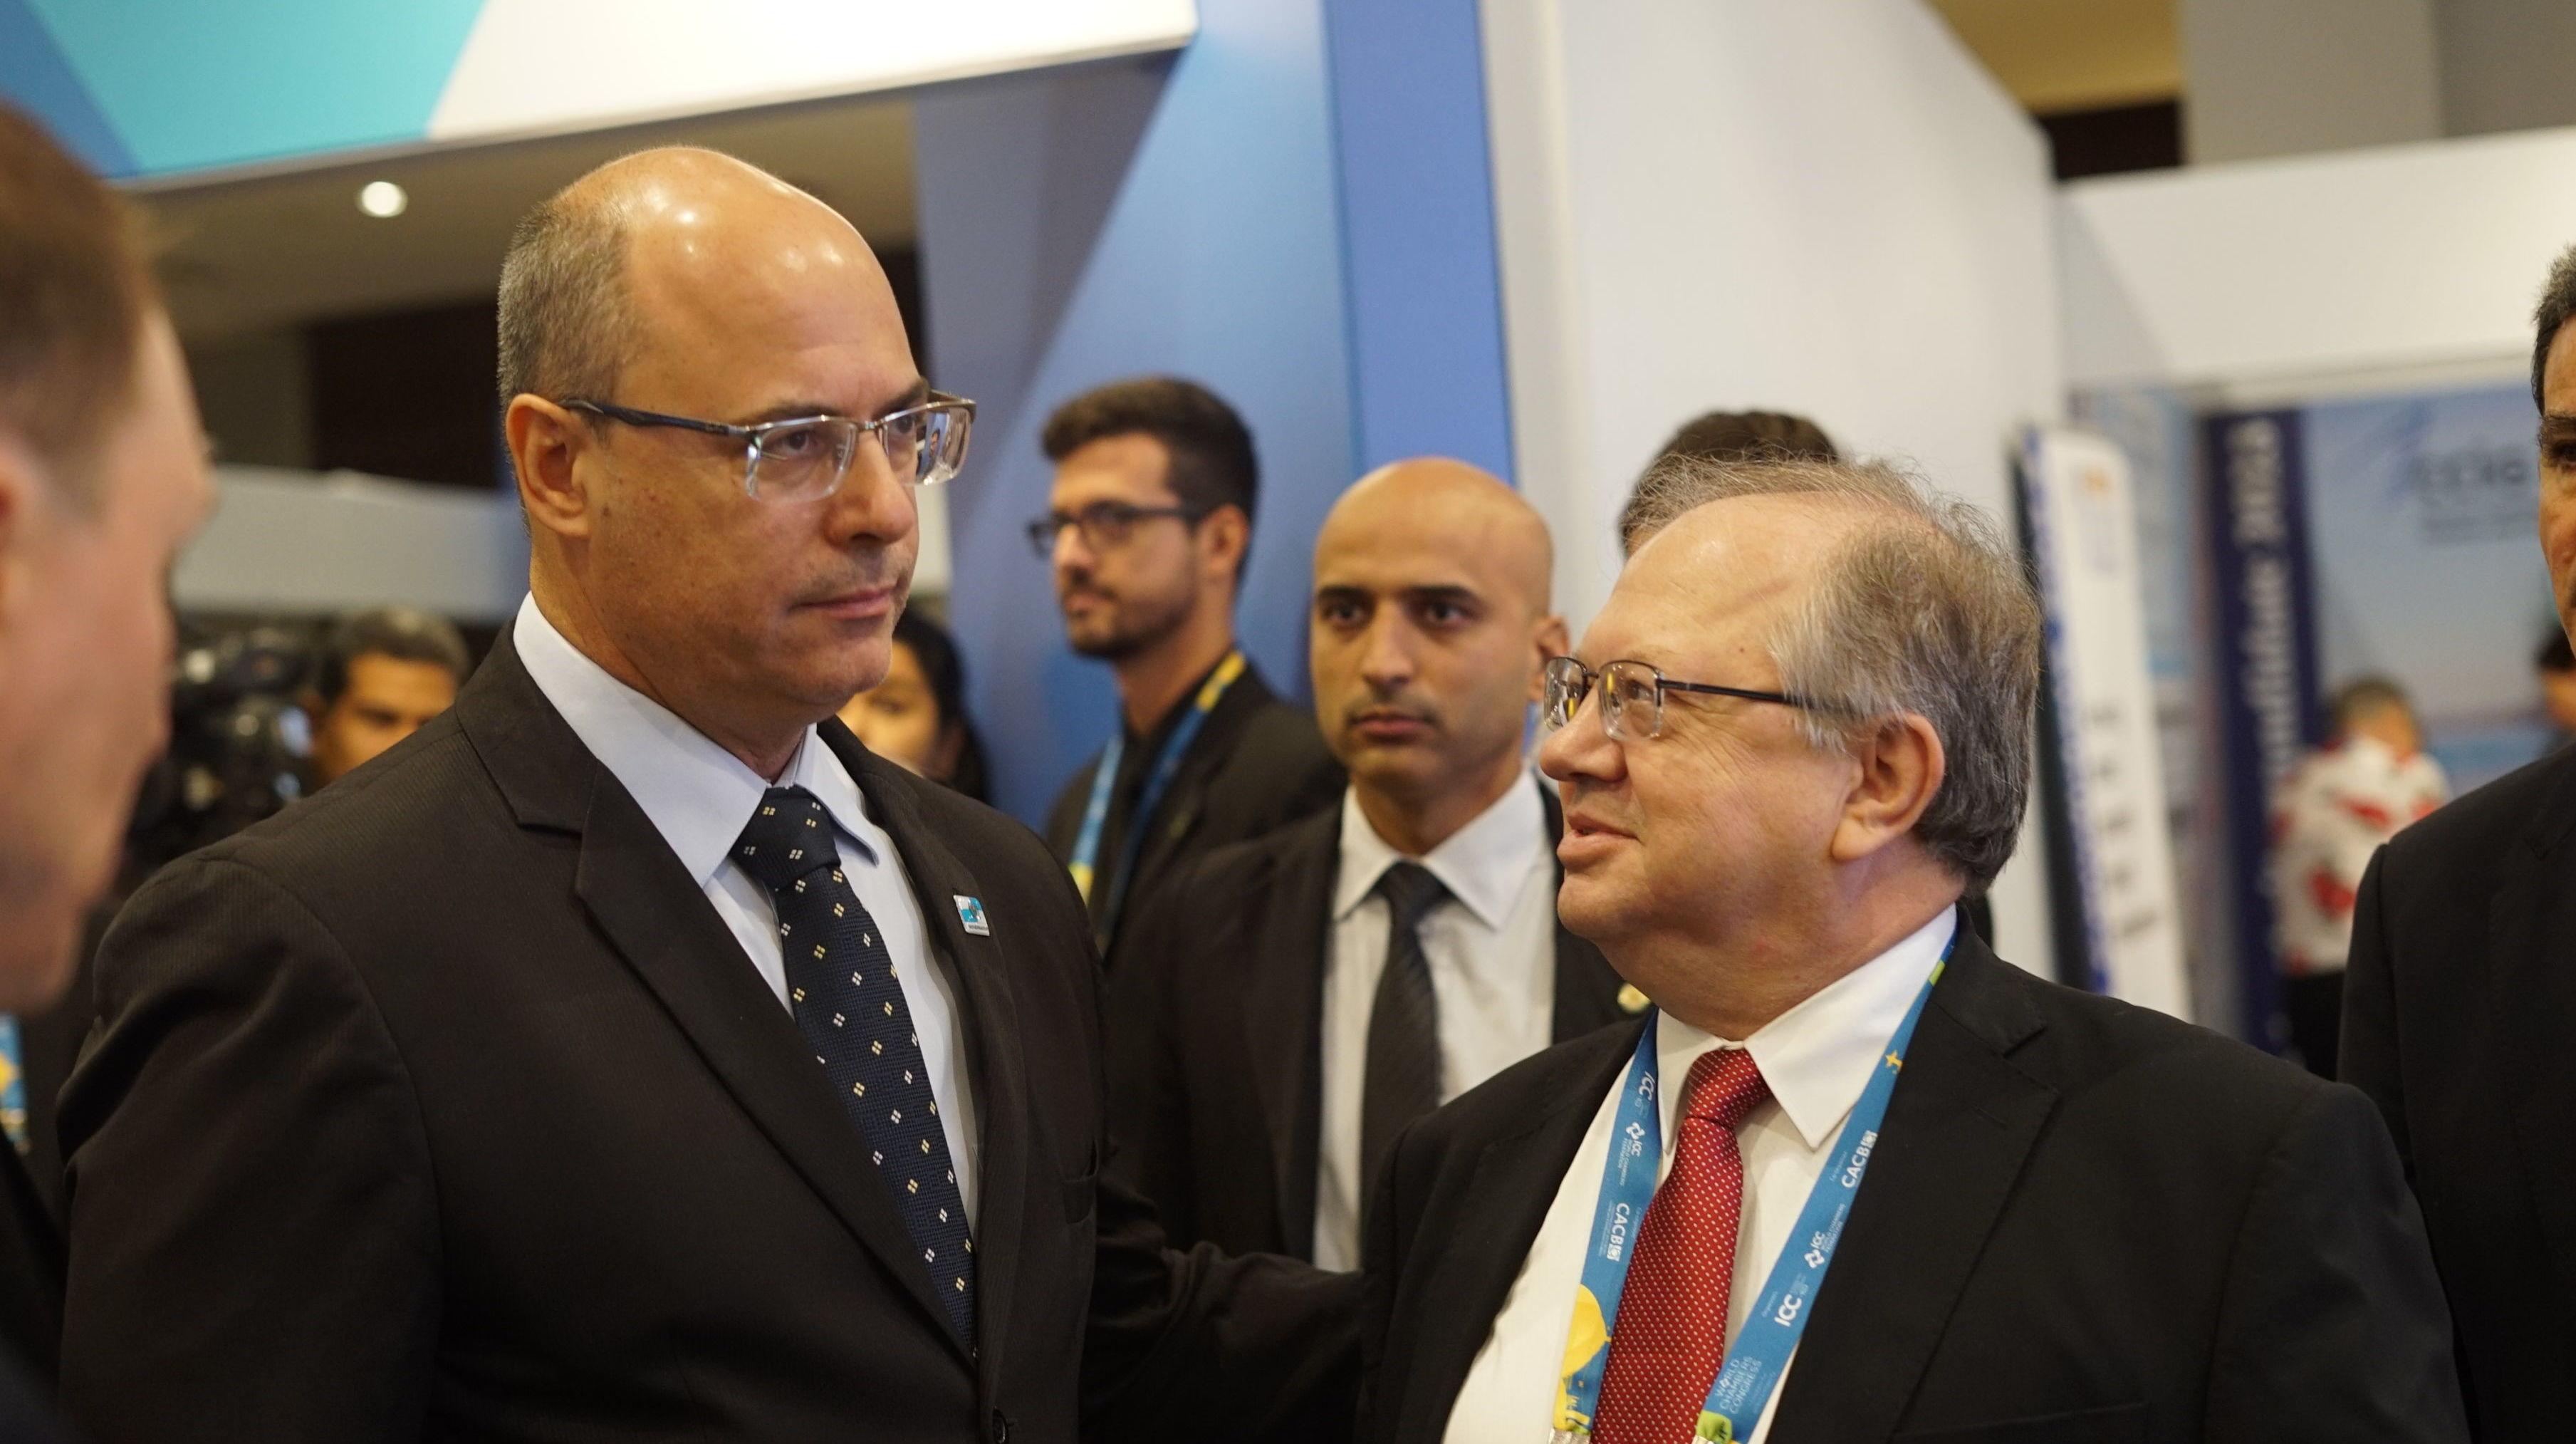 Governador do Rio de Janeiro, Wilson Witzel, conversa com Embaixador da Rússia no Brasil, Sergey Akopov